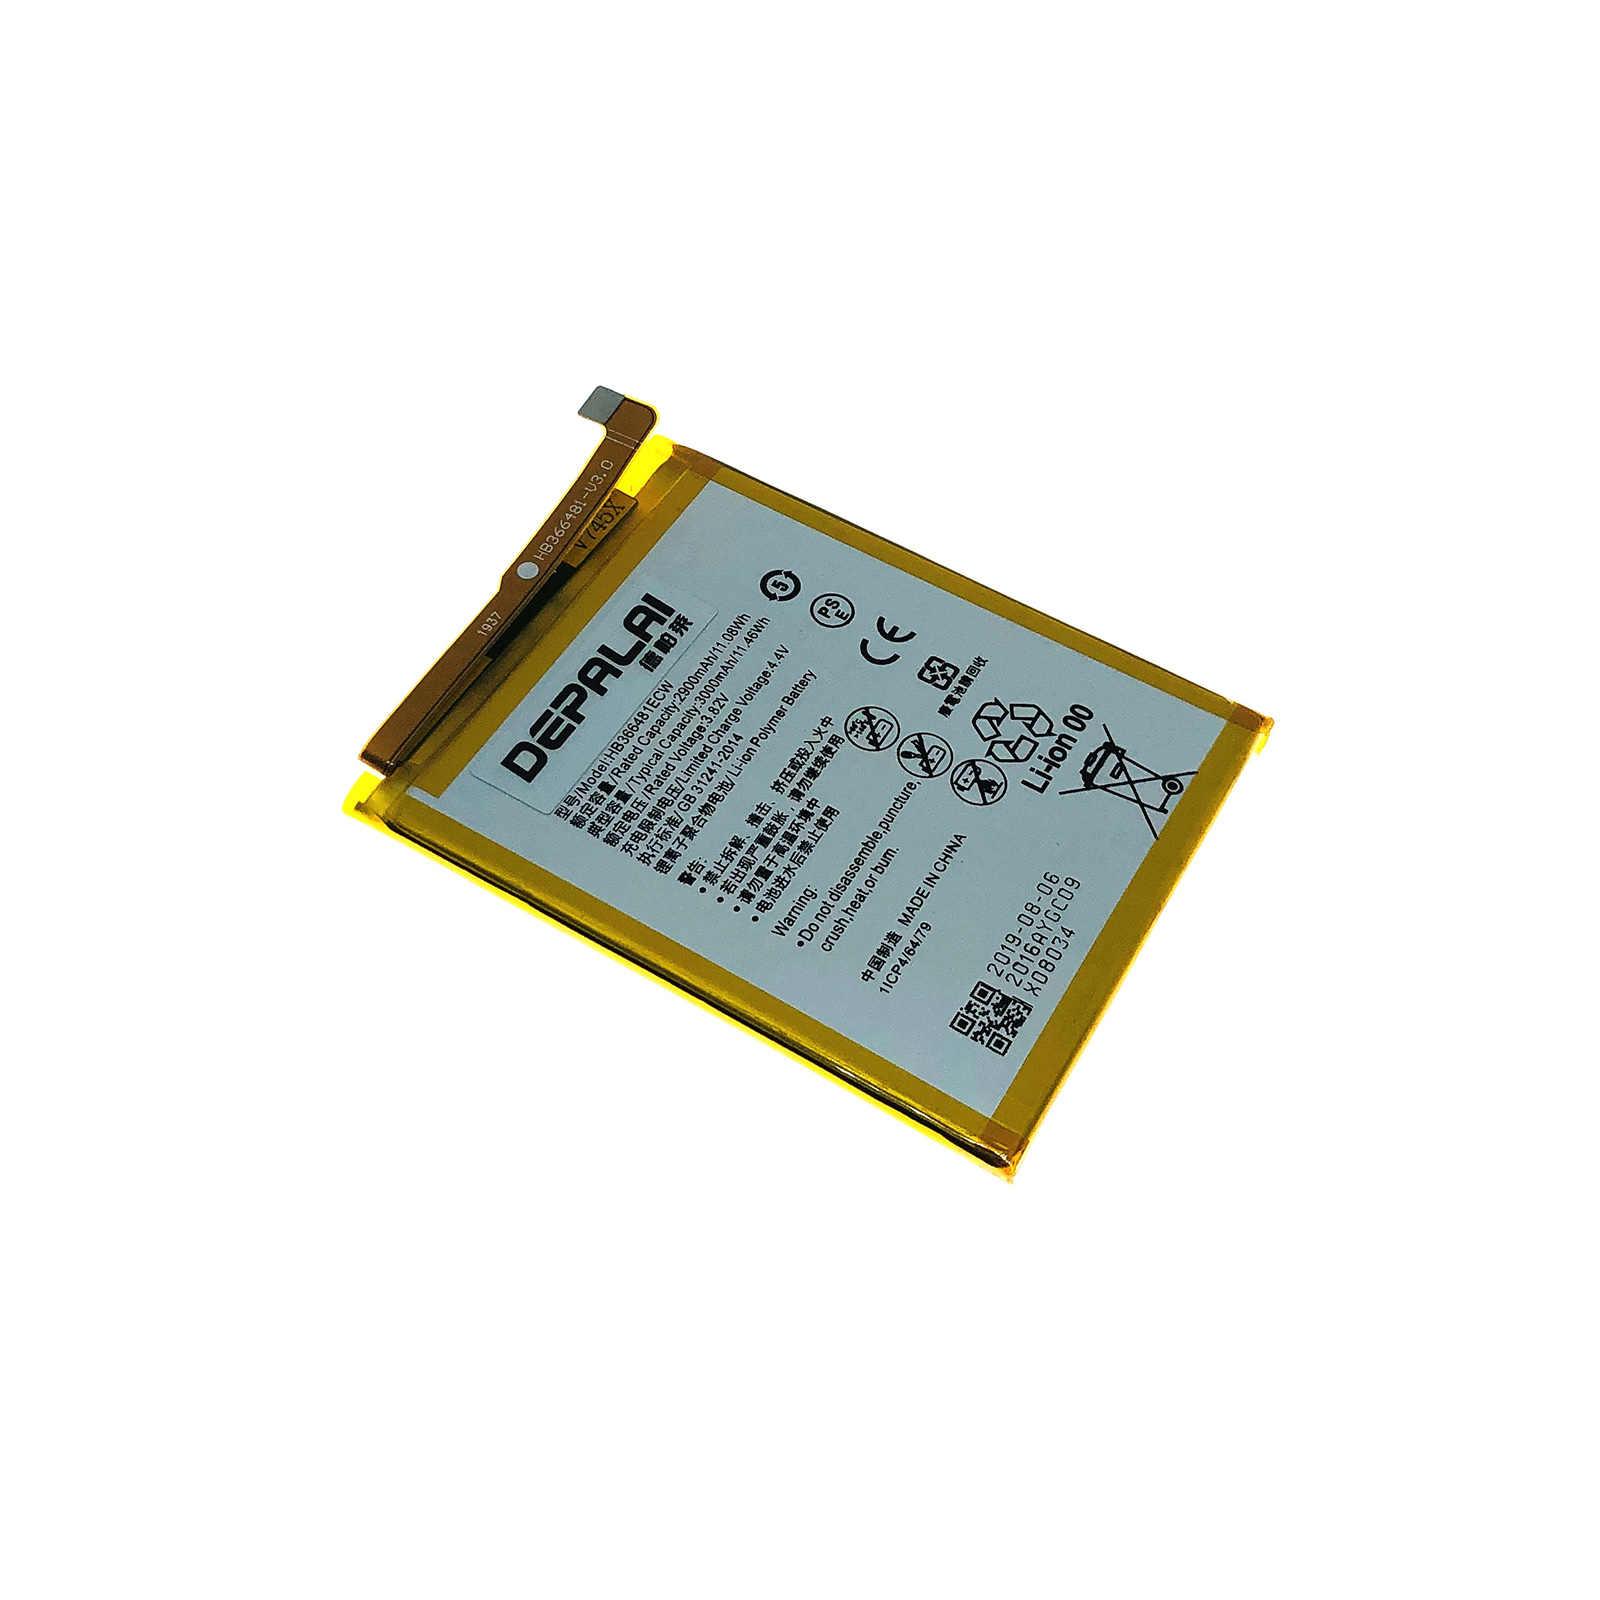 """Yüksek kalite gerçek 3000mAh HB366481ECW pil için Huawei P akıllı 5.6 """"FIG-LX1 FIG-LA1 FIG-LX2 FIG-LX3 yedek pil"""